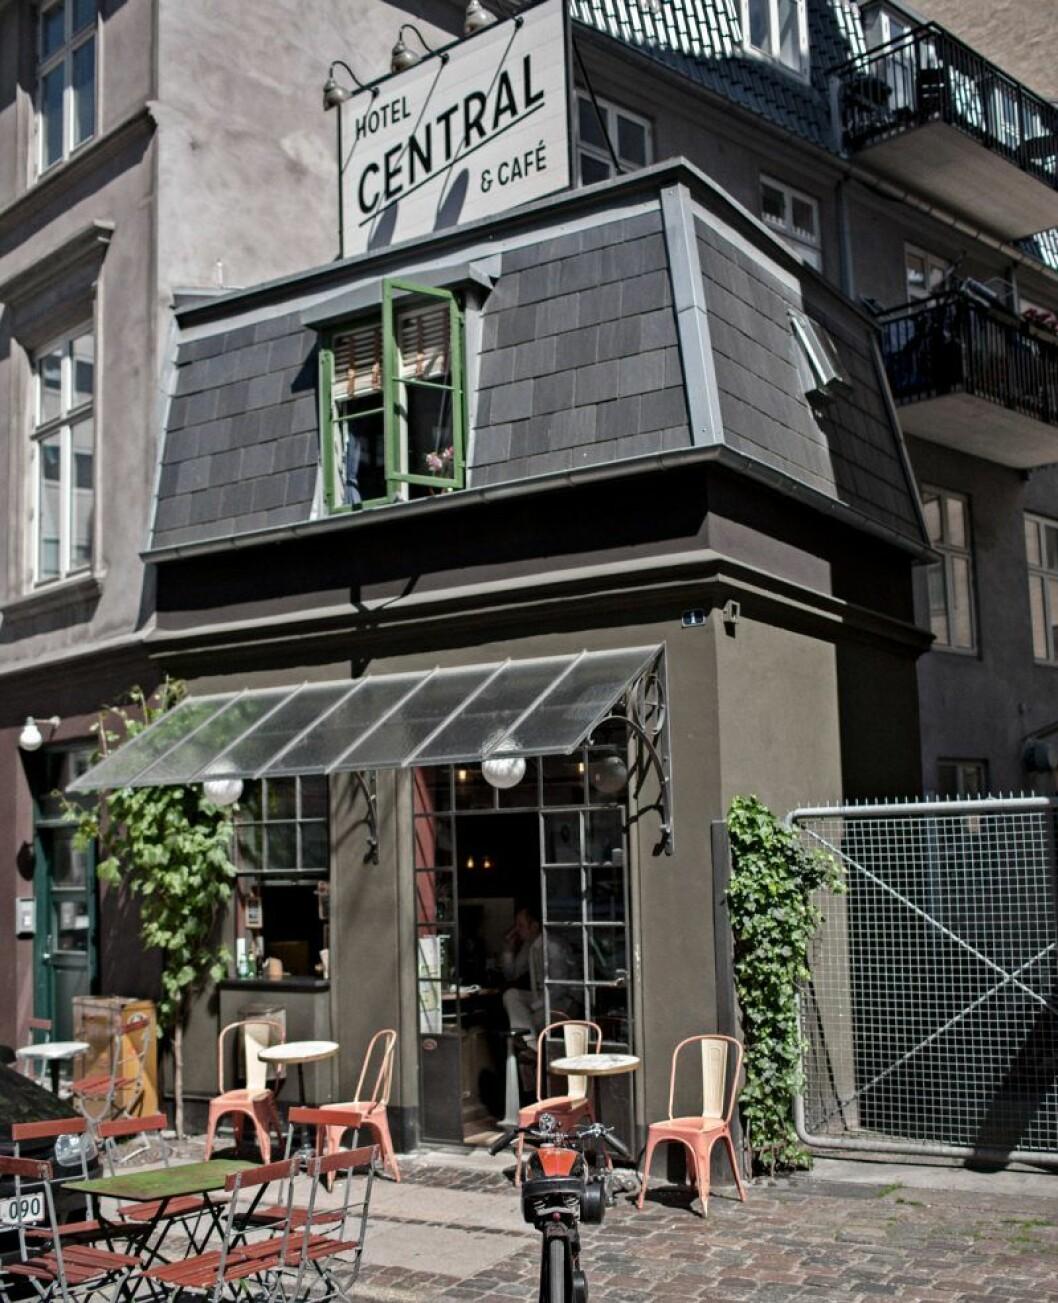 Hotell Central och cafe köpenhamn exterior